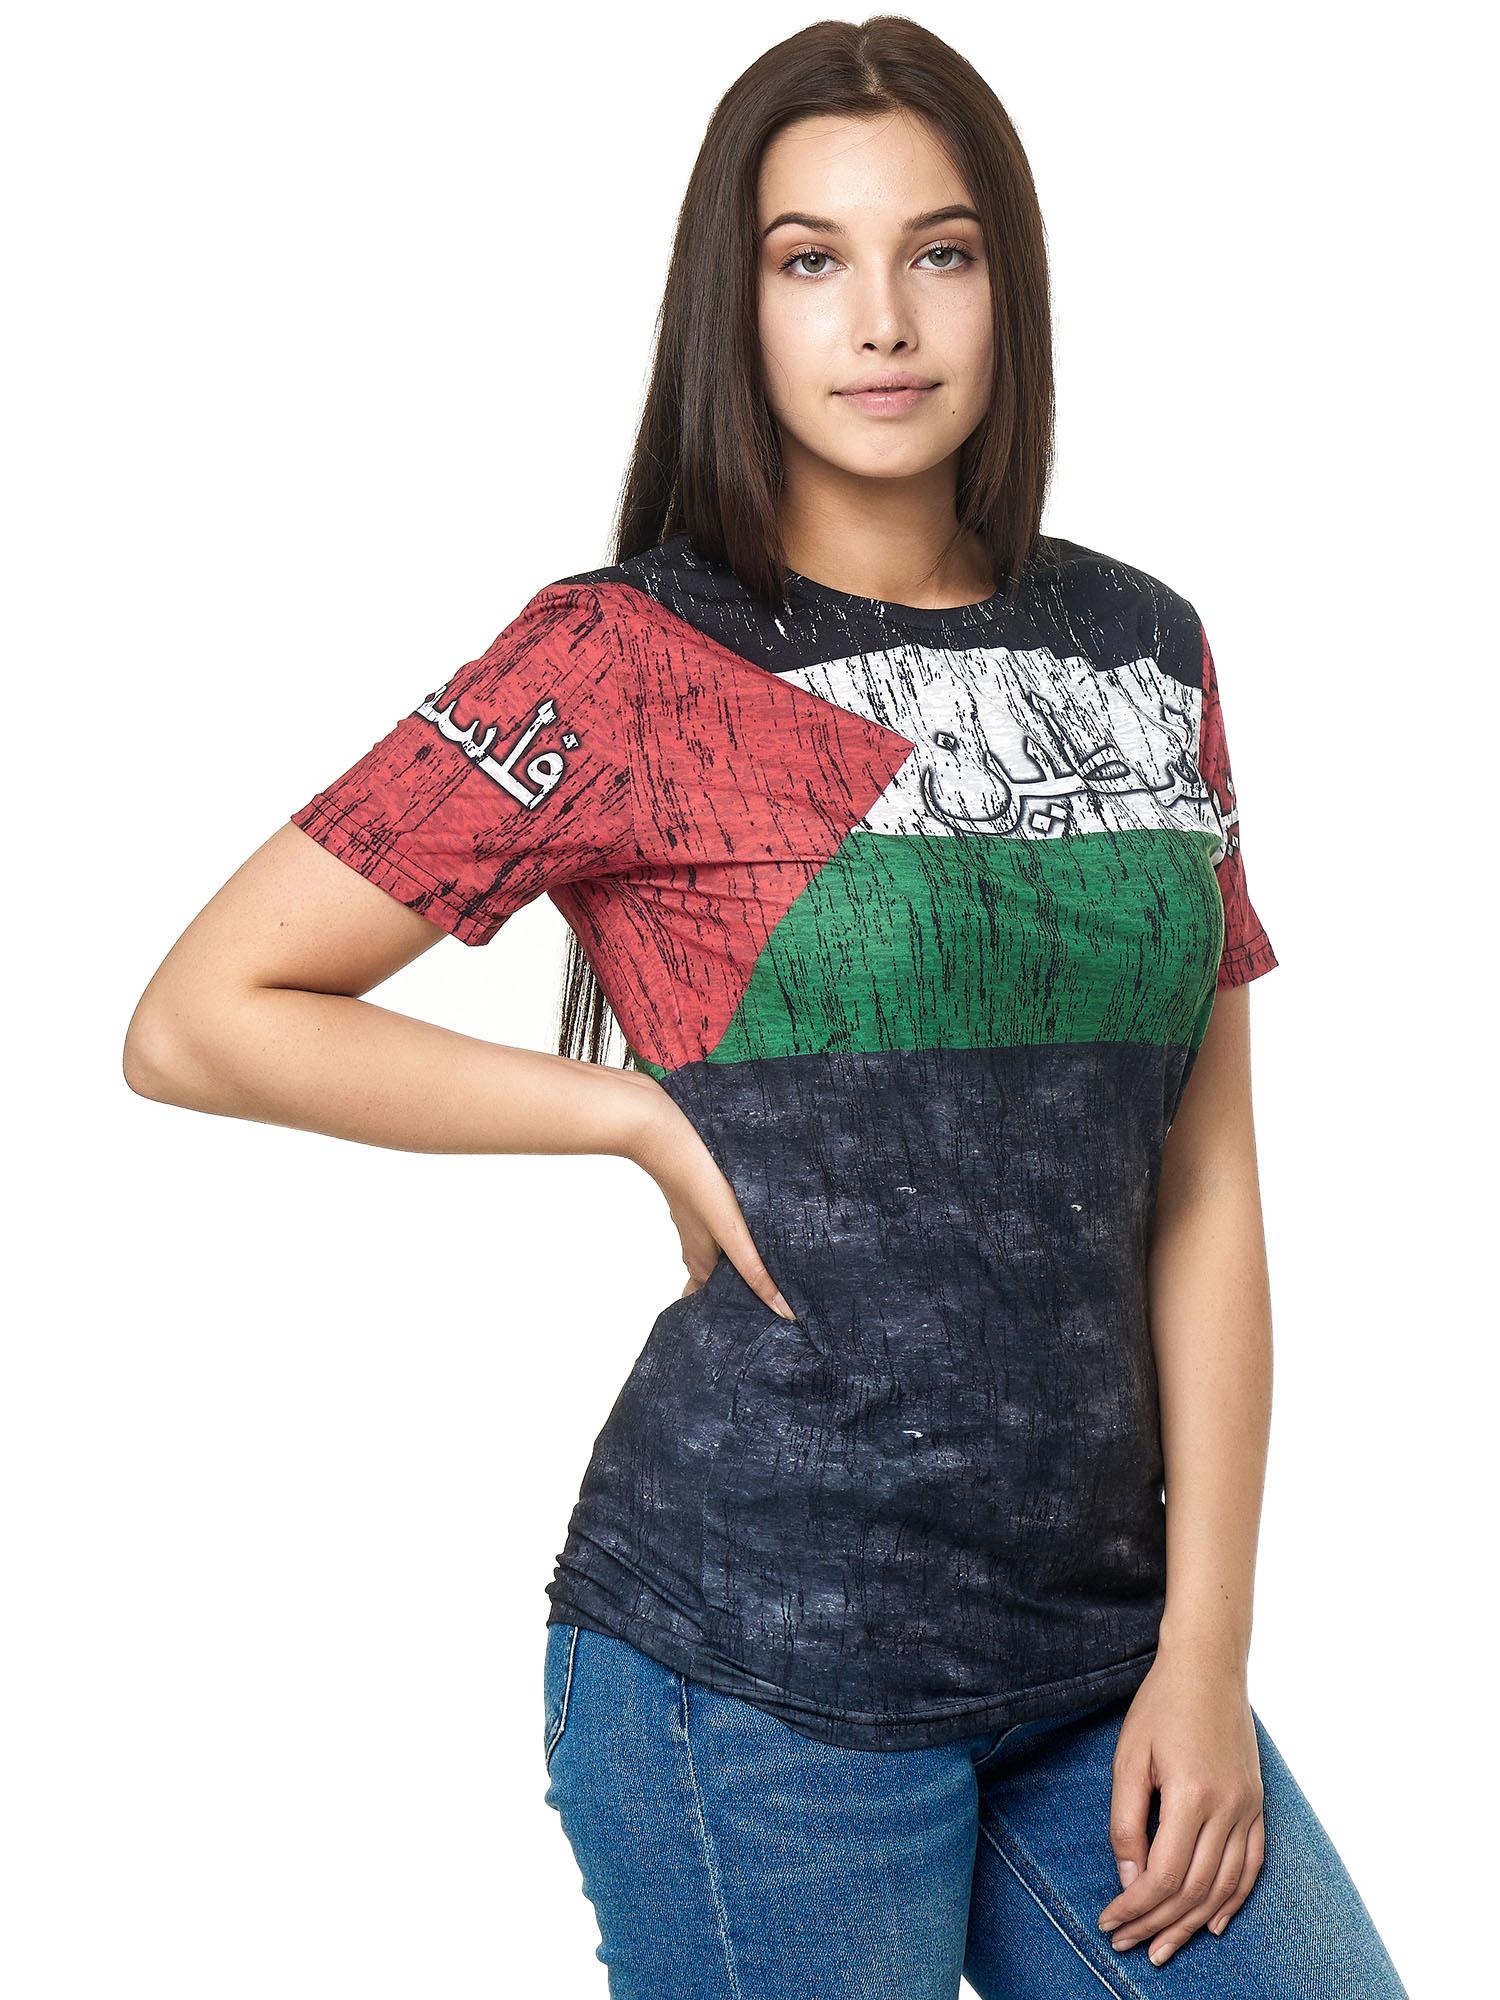 Paesi-da-Donna-T-shirt-A-Maniche-Corte-Girocollo-donne-CALCIO-Fanshirt-John-Kayna miniatura 88